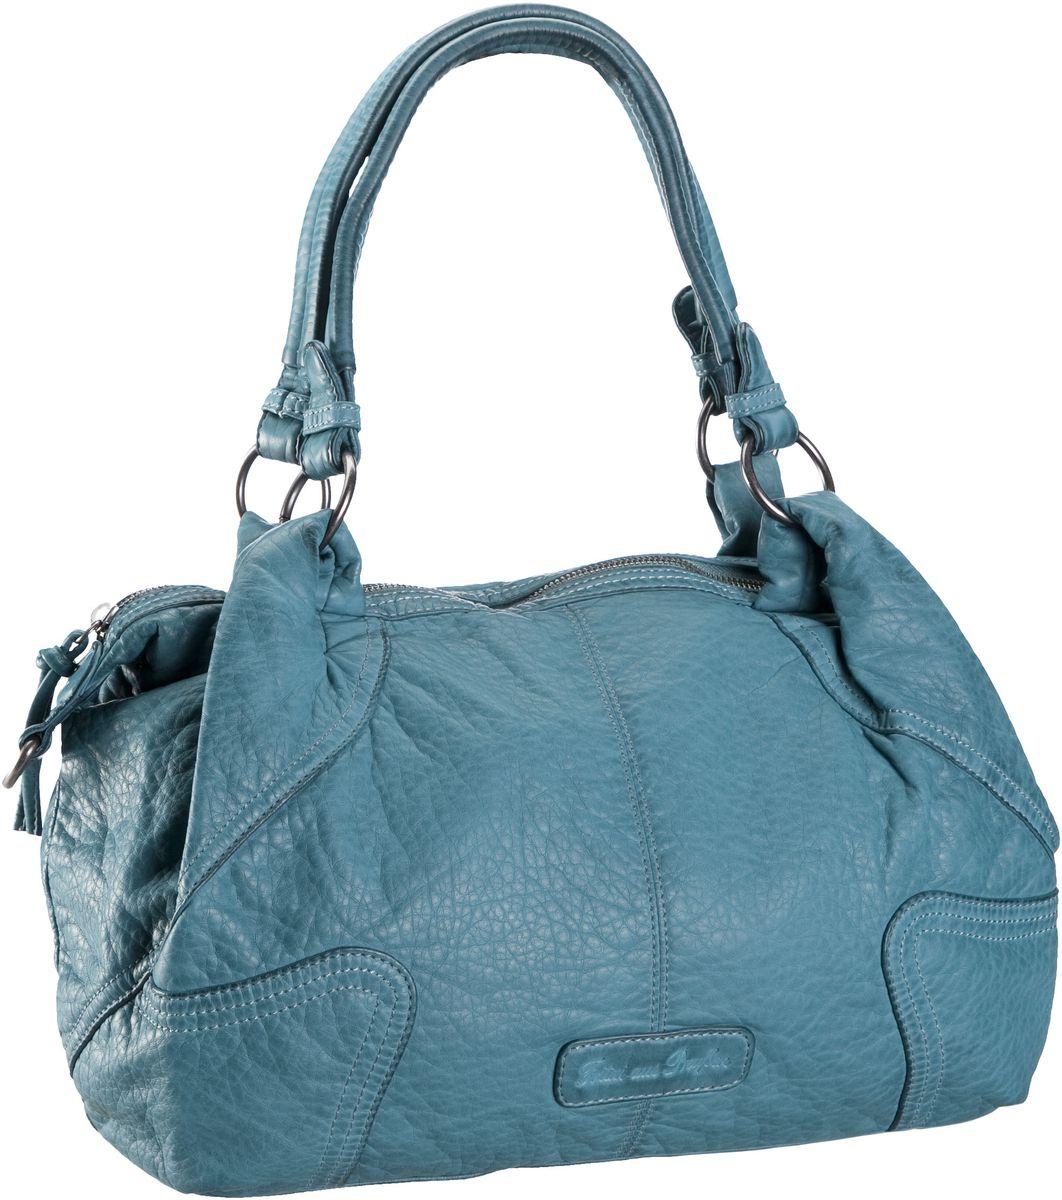 fritzi aus preu en nina washed ocean handtasche blau online. Black Bedroom Furniture Sets. Home Design Ideas